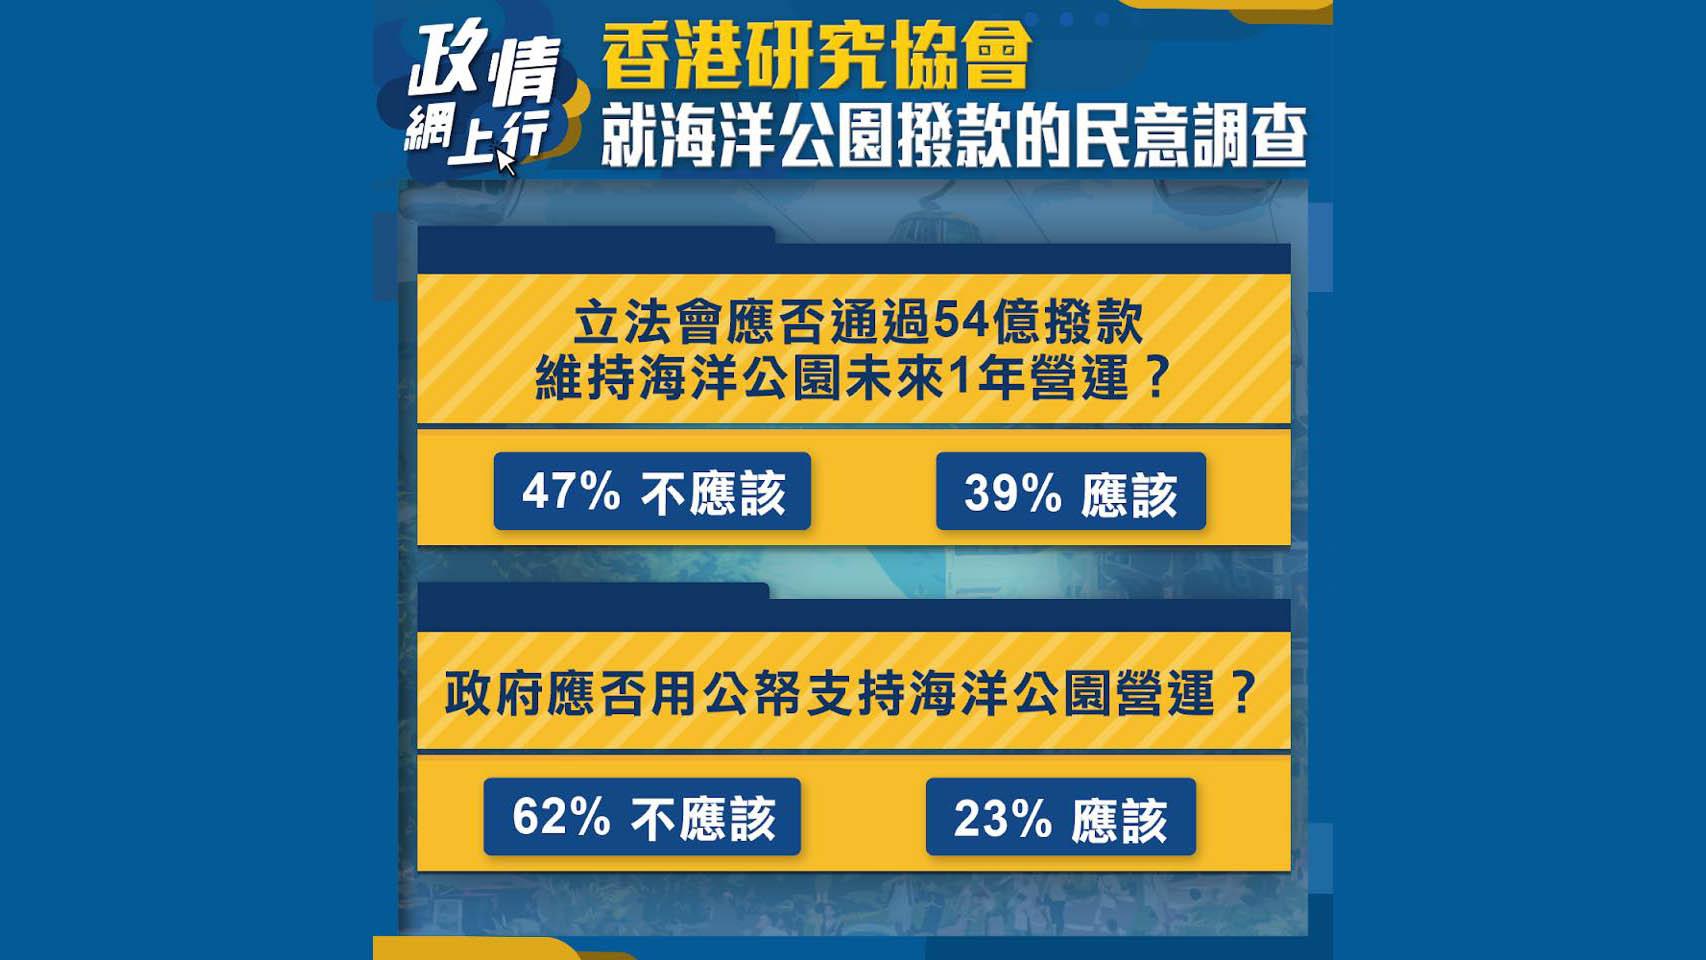 【政情網上行】香港研究協會就海洋公園撥款的民意調查